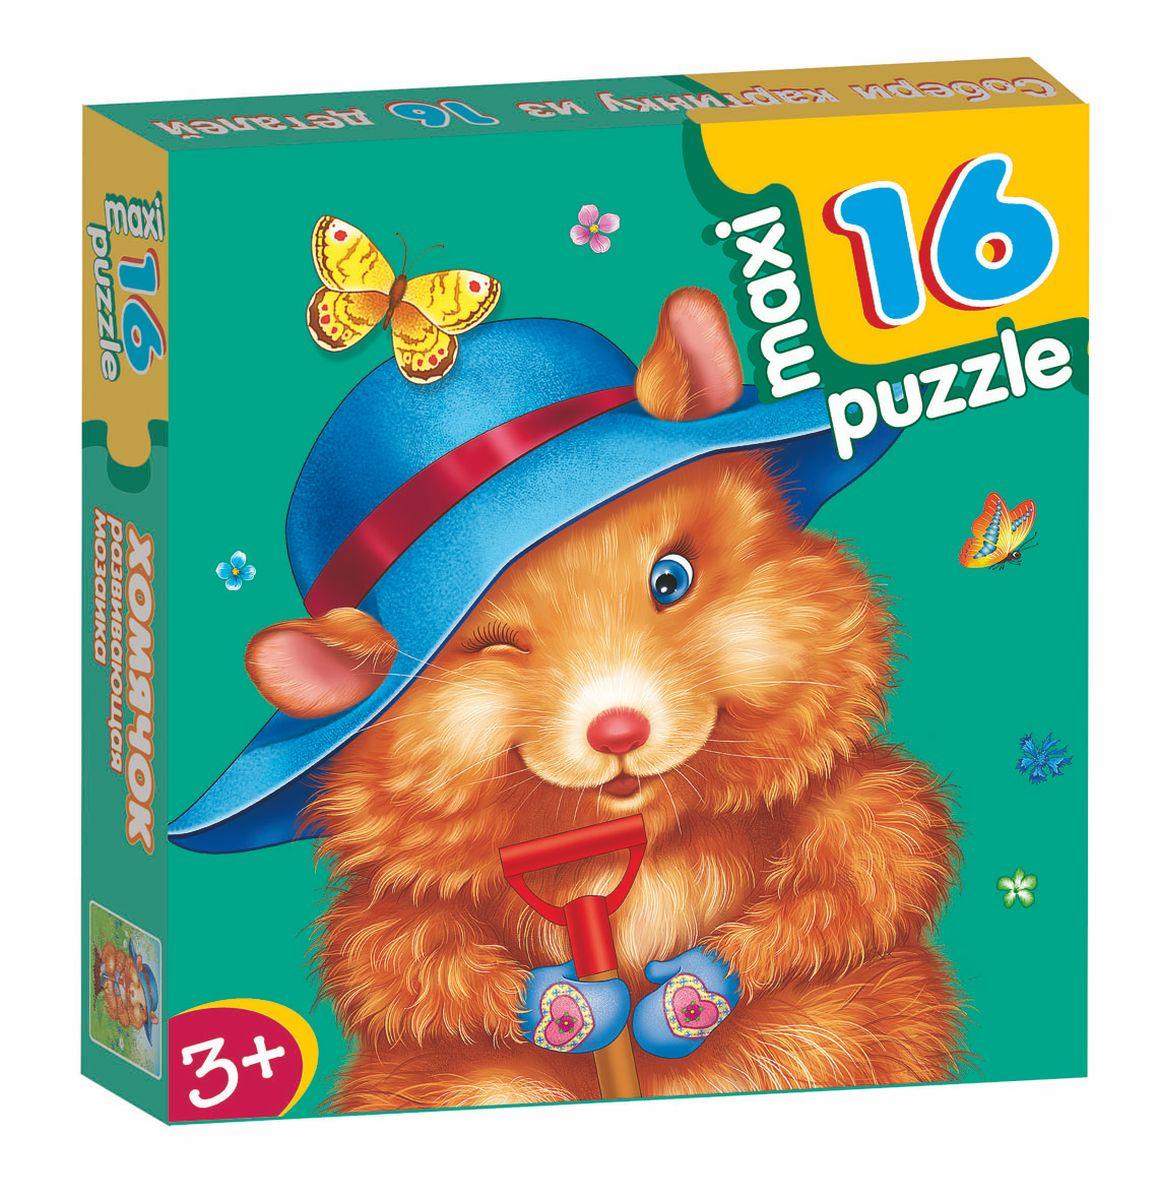 Дрофа-Медиа Пазл для малышей Хомячок дрофа медиа пазл для малышей играй и собирай 4 в 1 2938